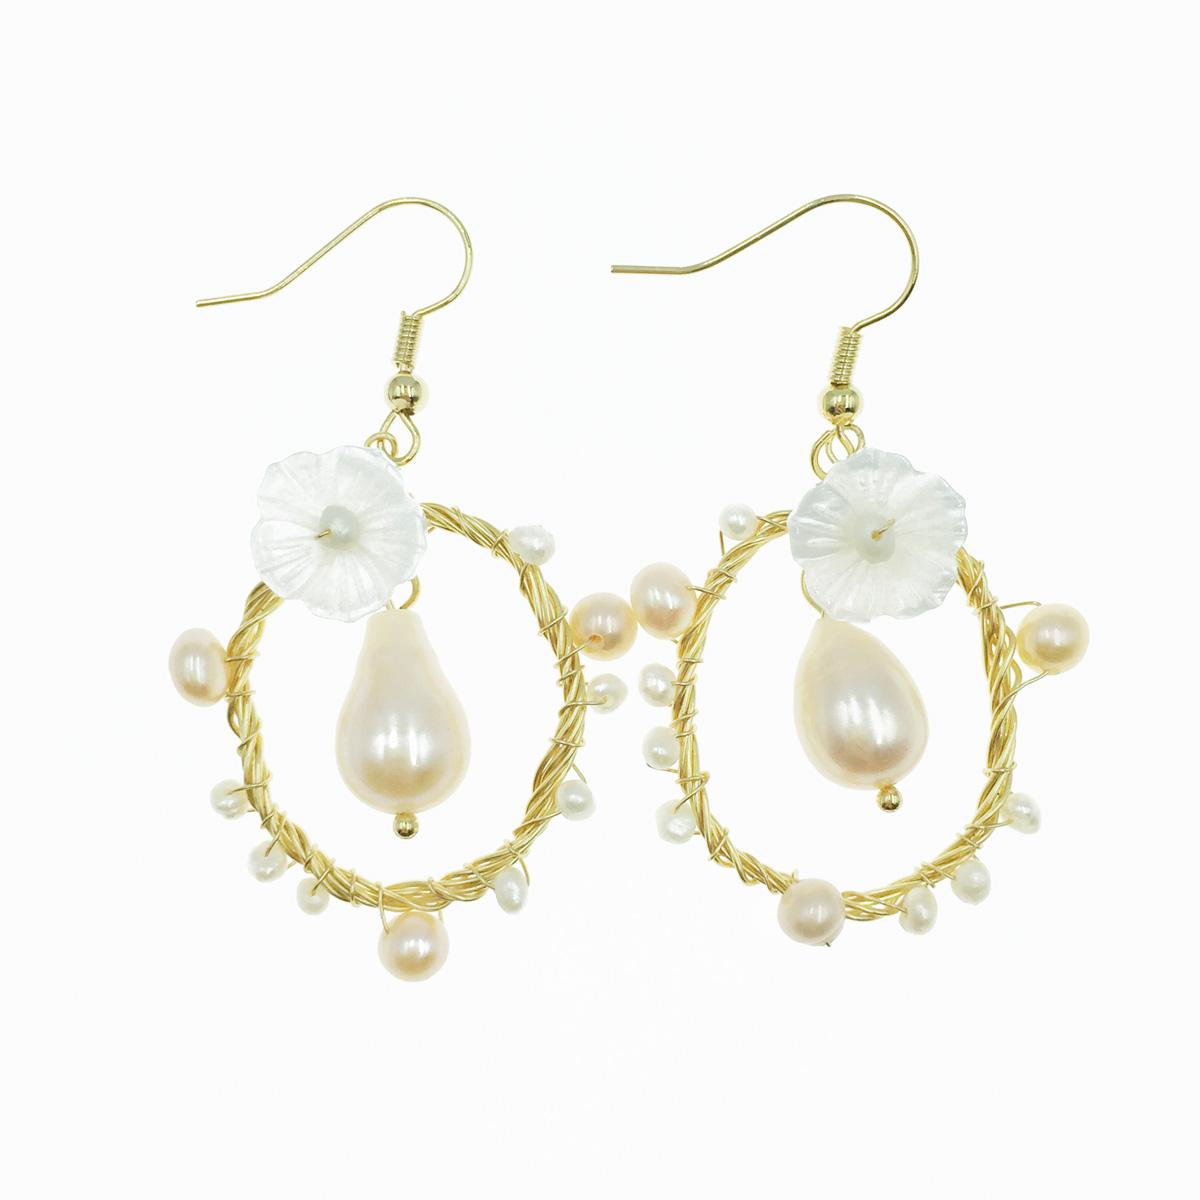 韓國 925純銀 小白花 珍珠 金線圓圈 垂墜感 耳勾式耳環